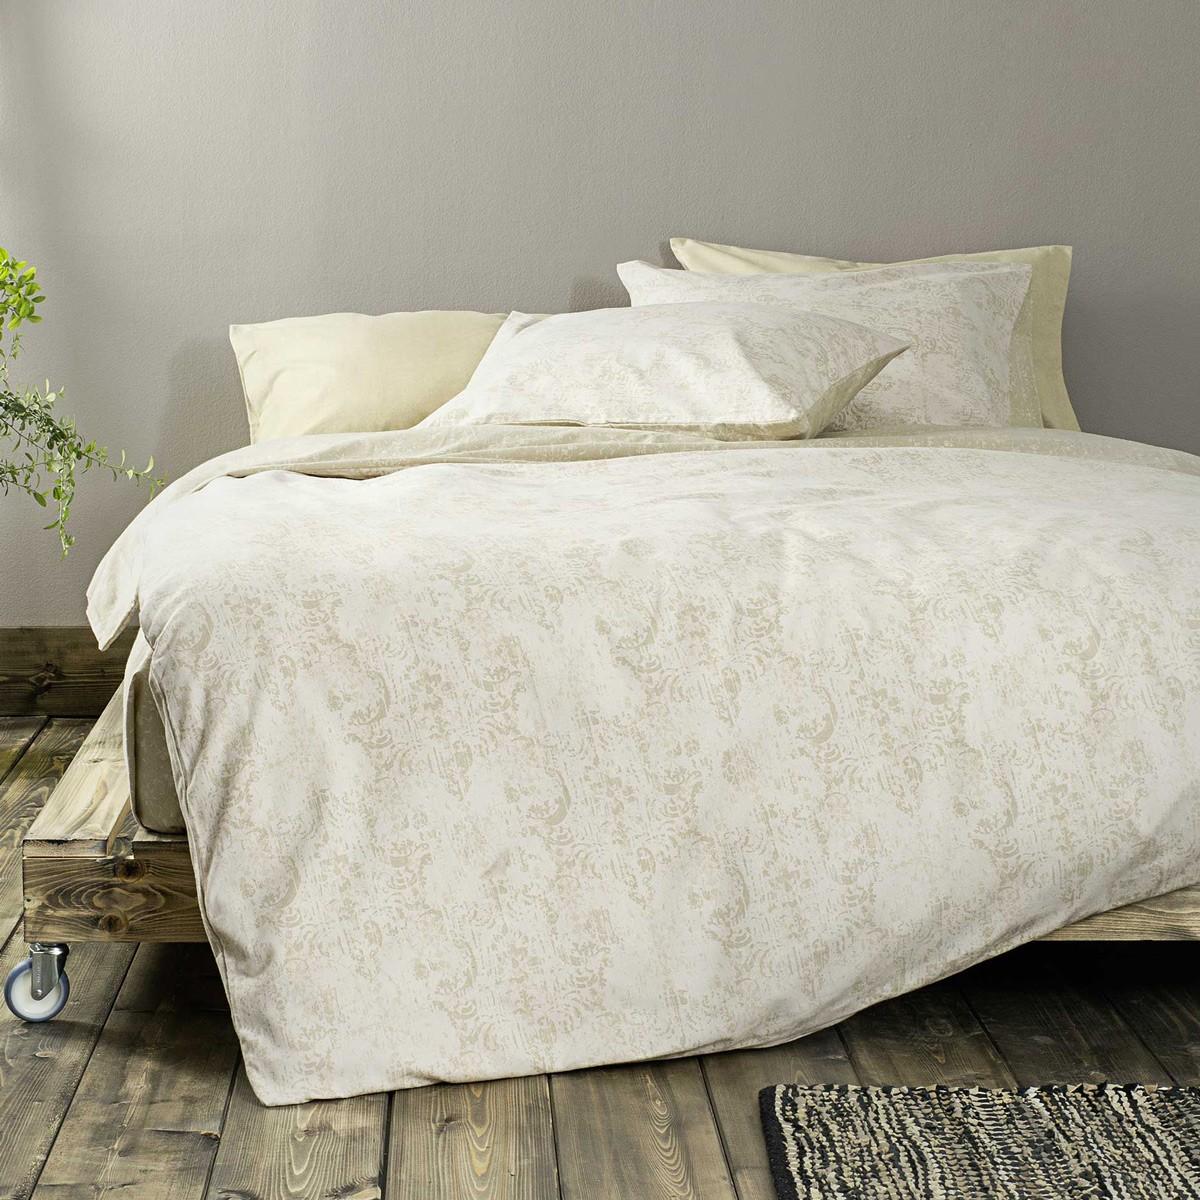 Φανελένια Σεντόνια Υπέρδιπλα (Σετ) Nima Bed Linen Damascus